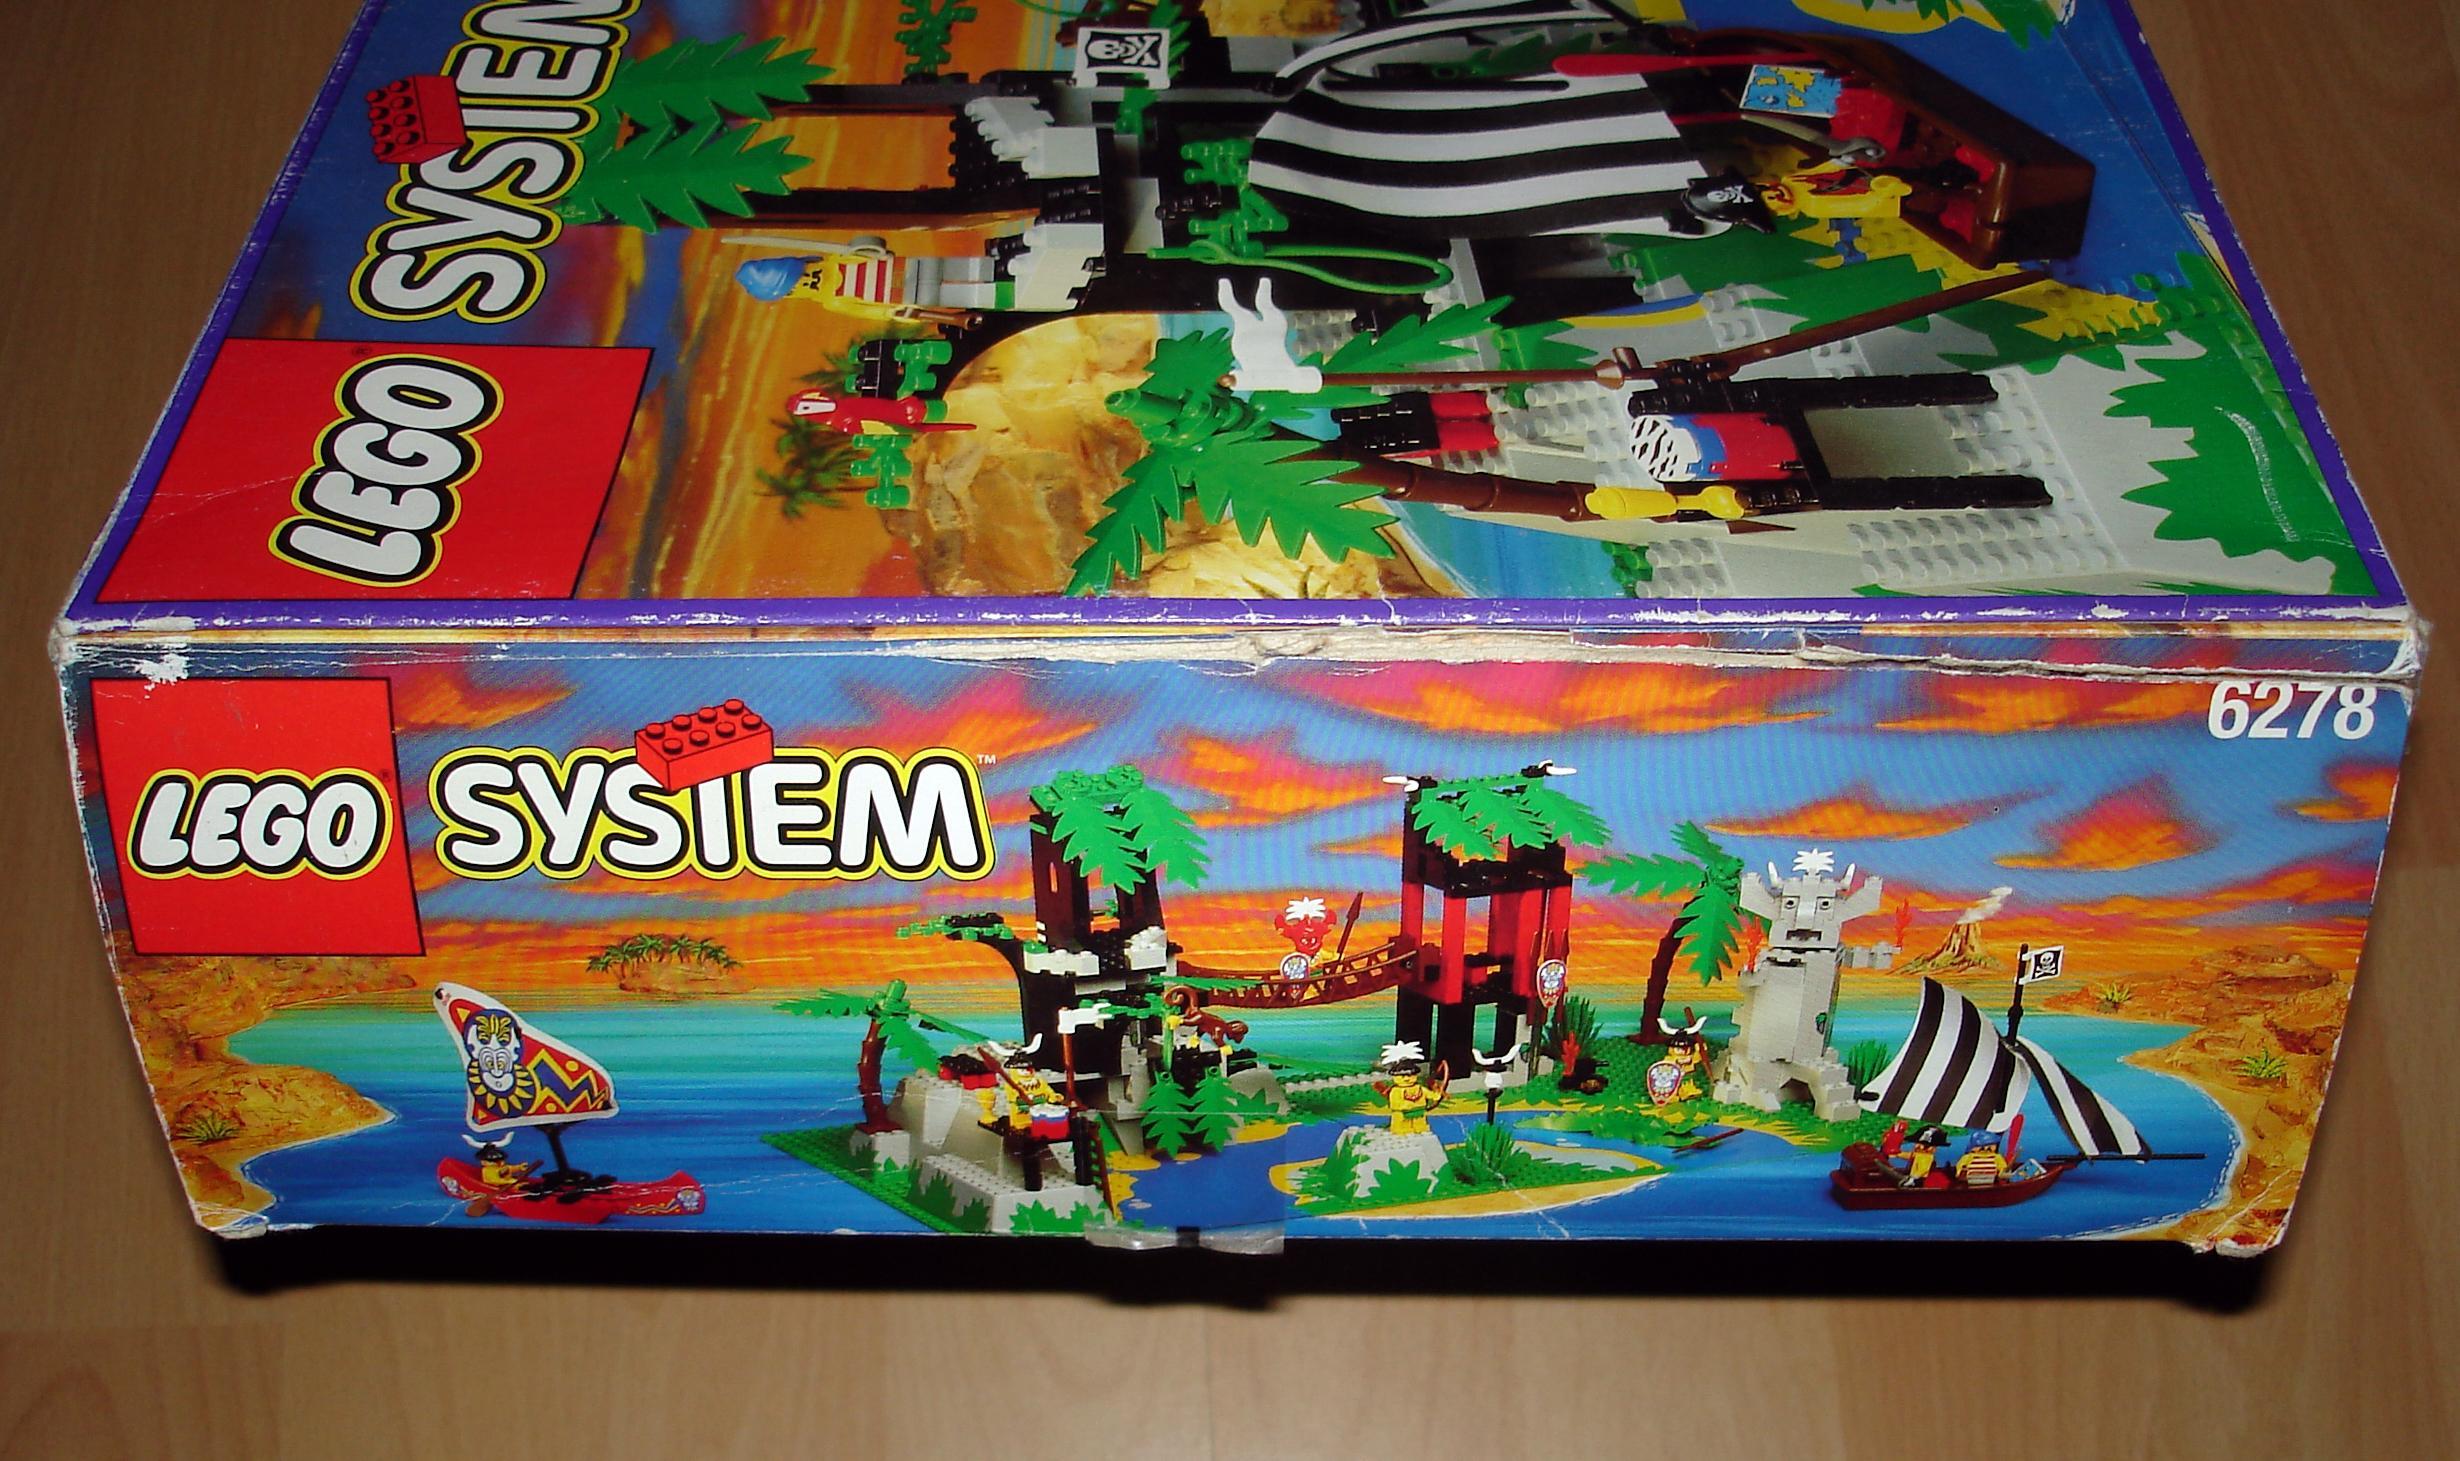 lego 6278 left side.jpg 3M